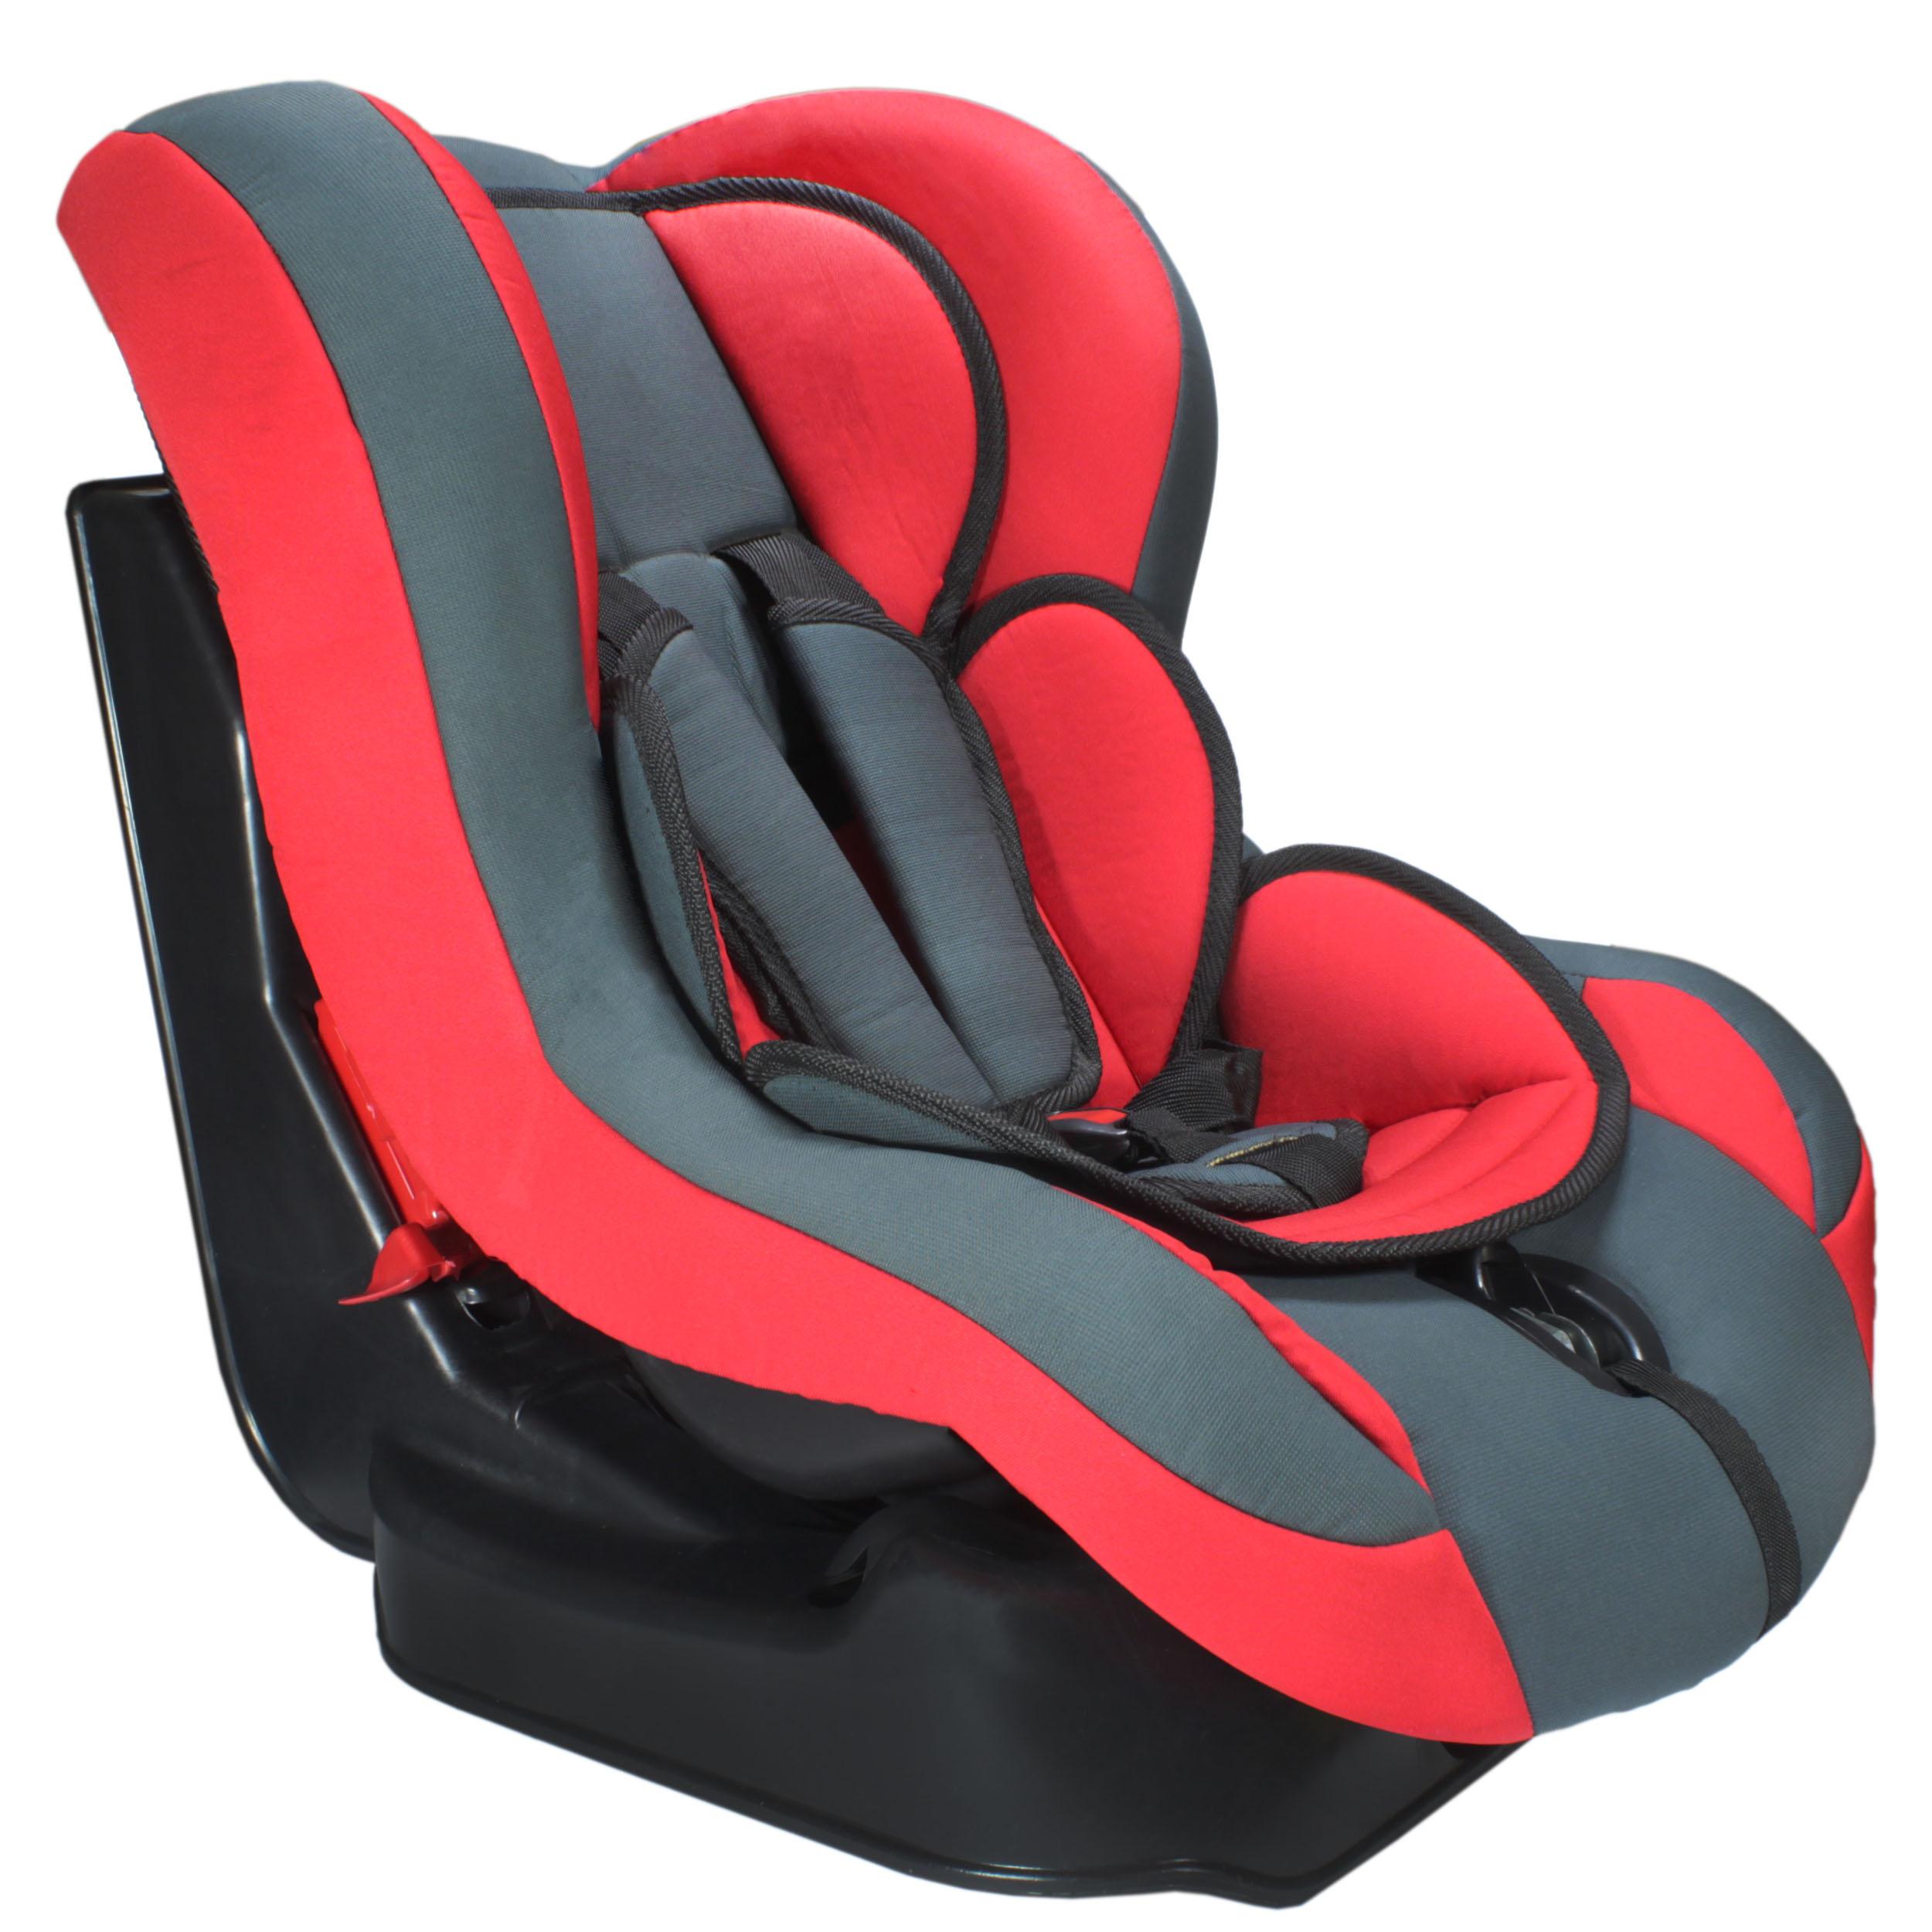 صندلی خودرو کودک مدل KY کد 0027